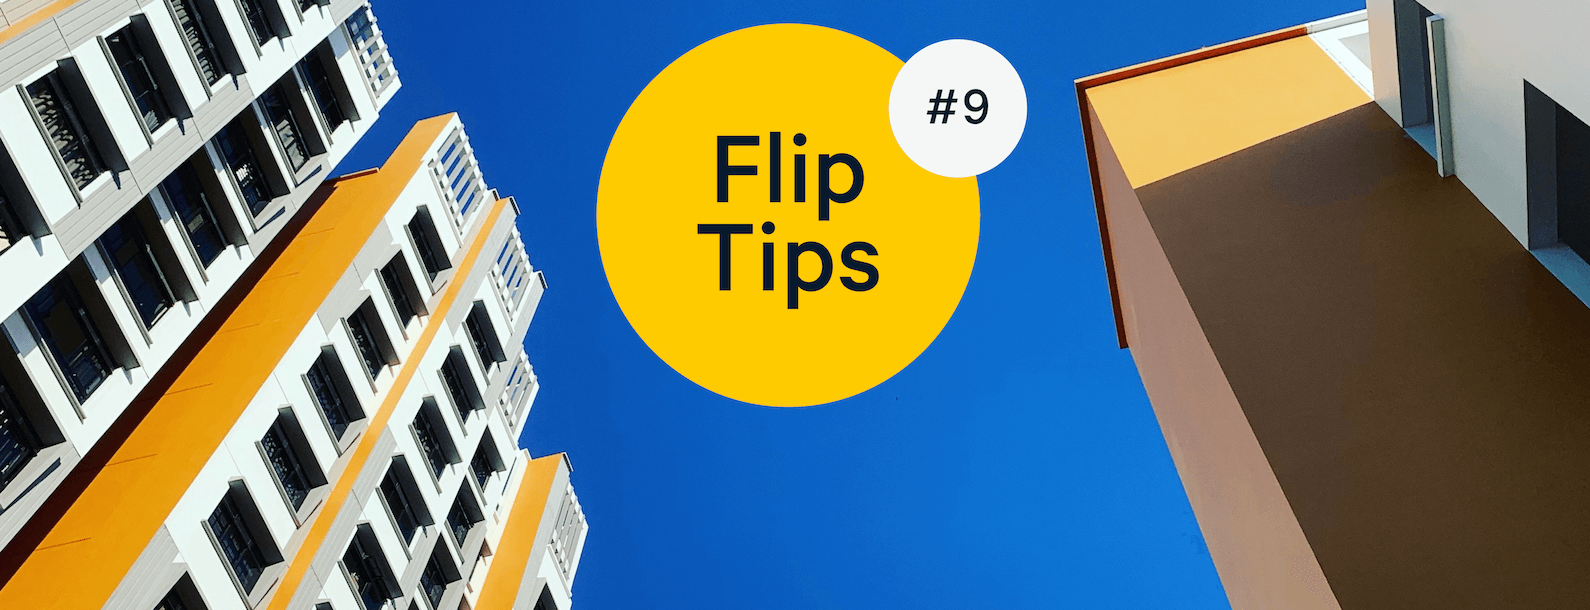 Unique Flips and Real Estate Niche: Flip Tips   LendingHome